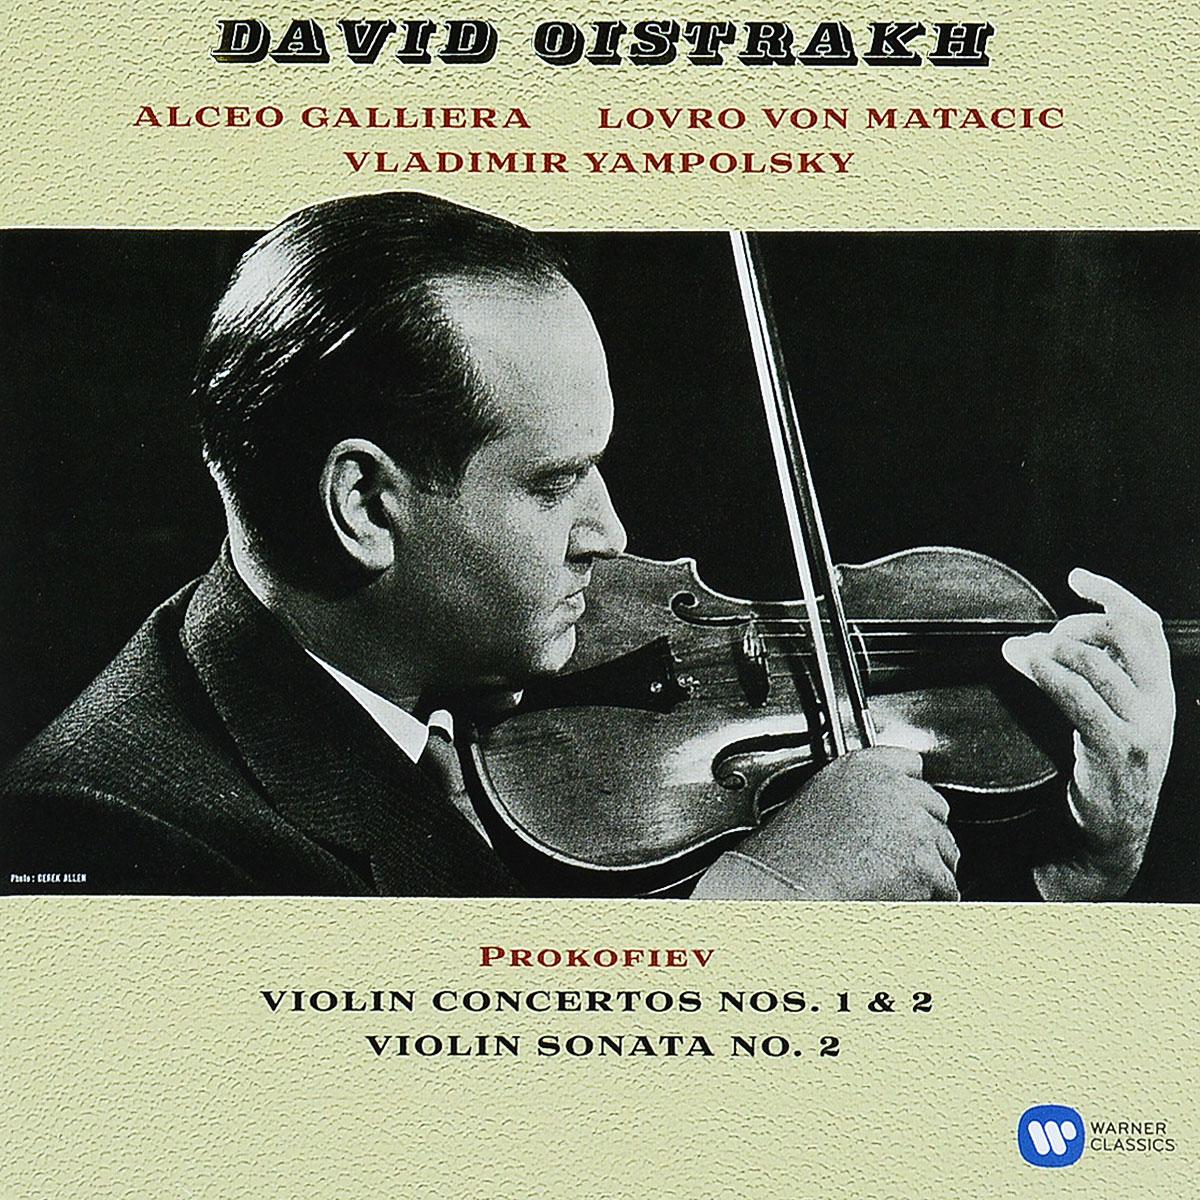 Sergei Prokofiev. Violin Concertos Nos 1 & 2